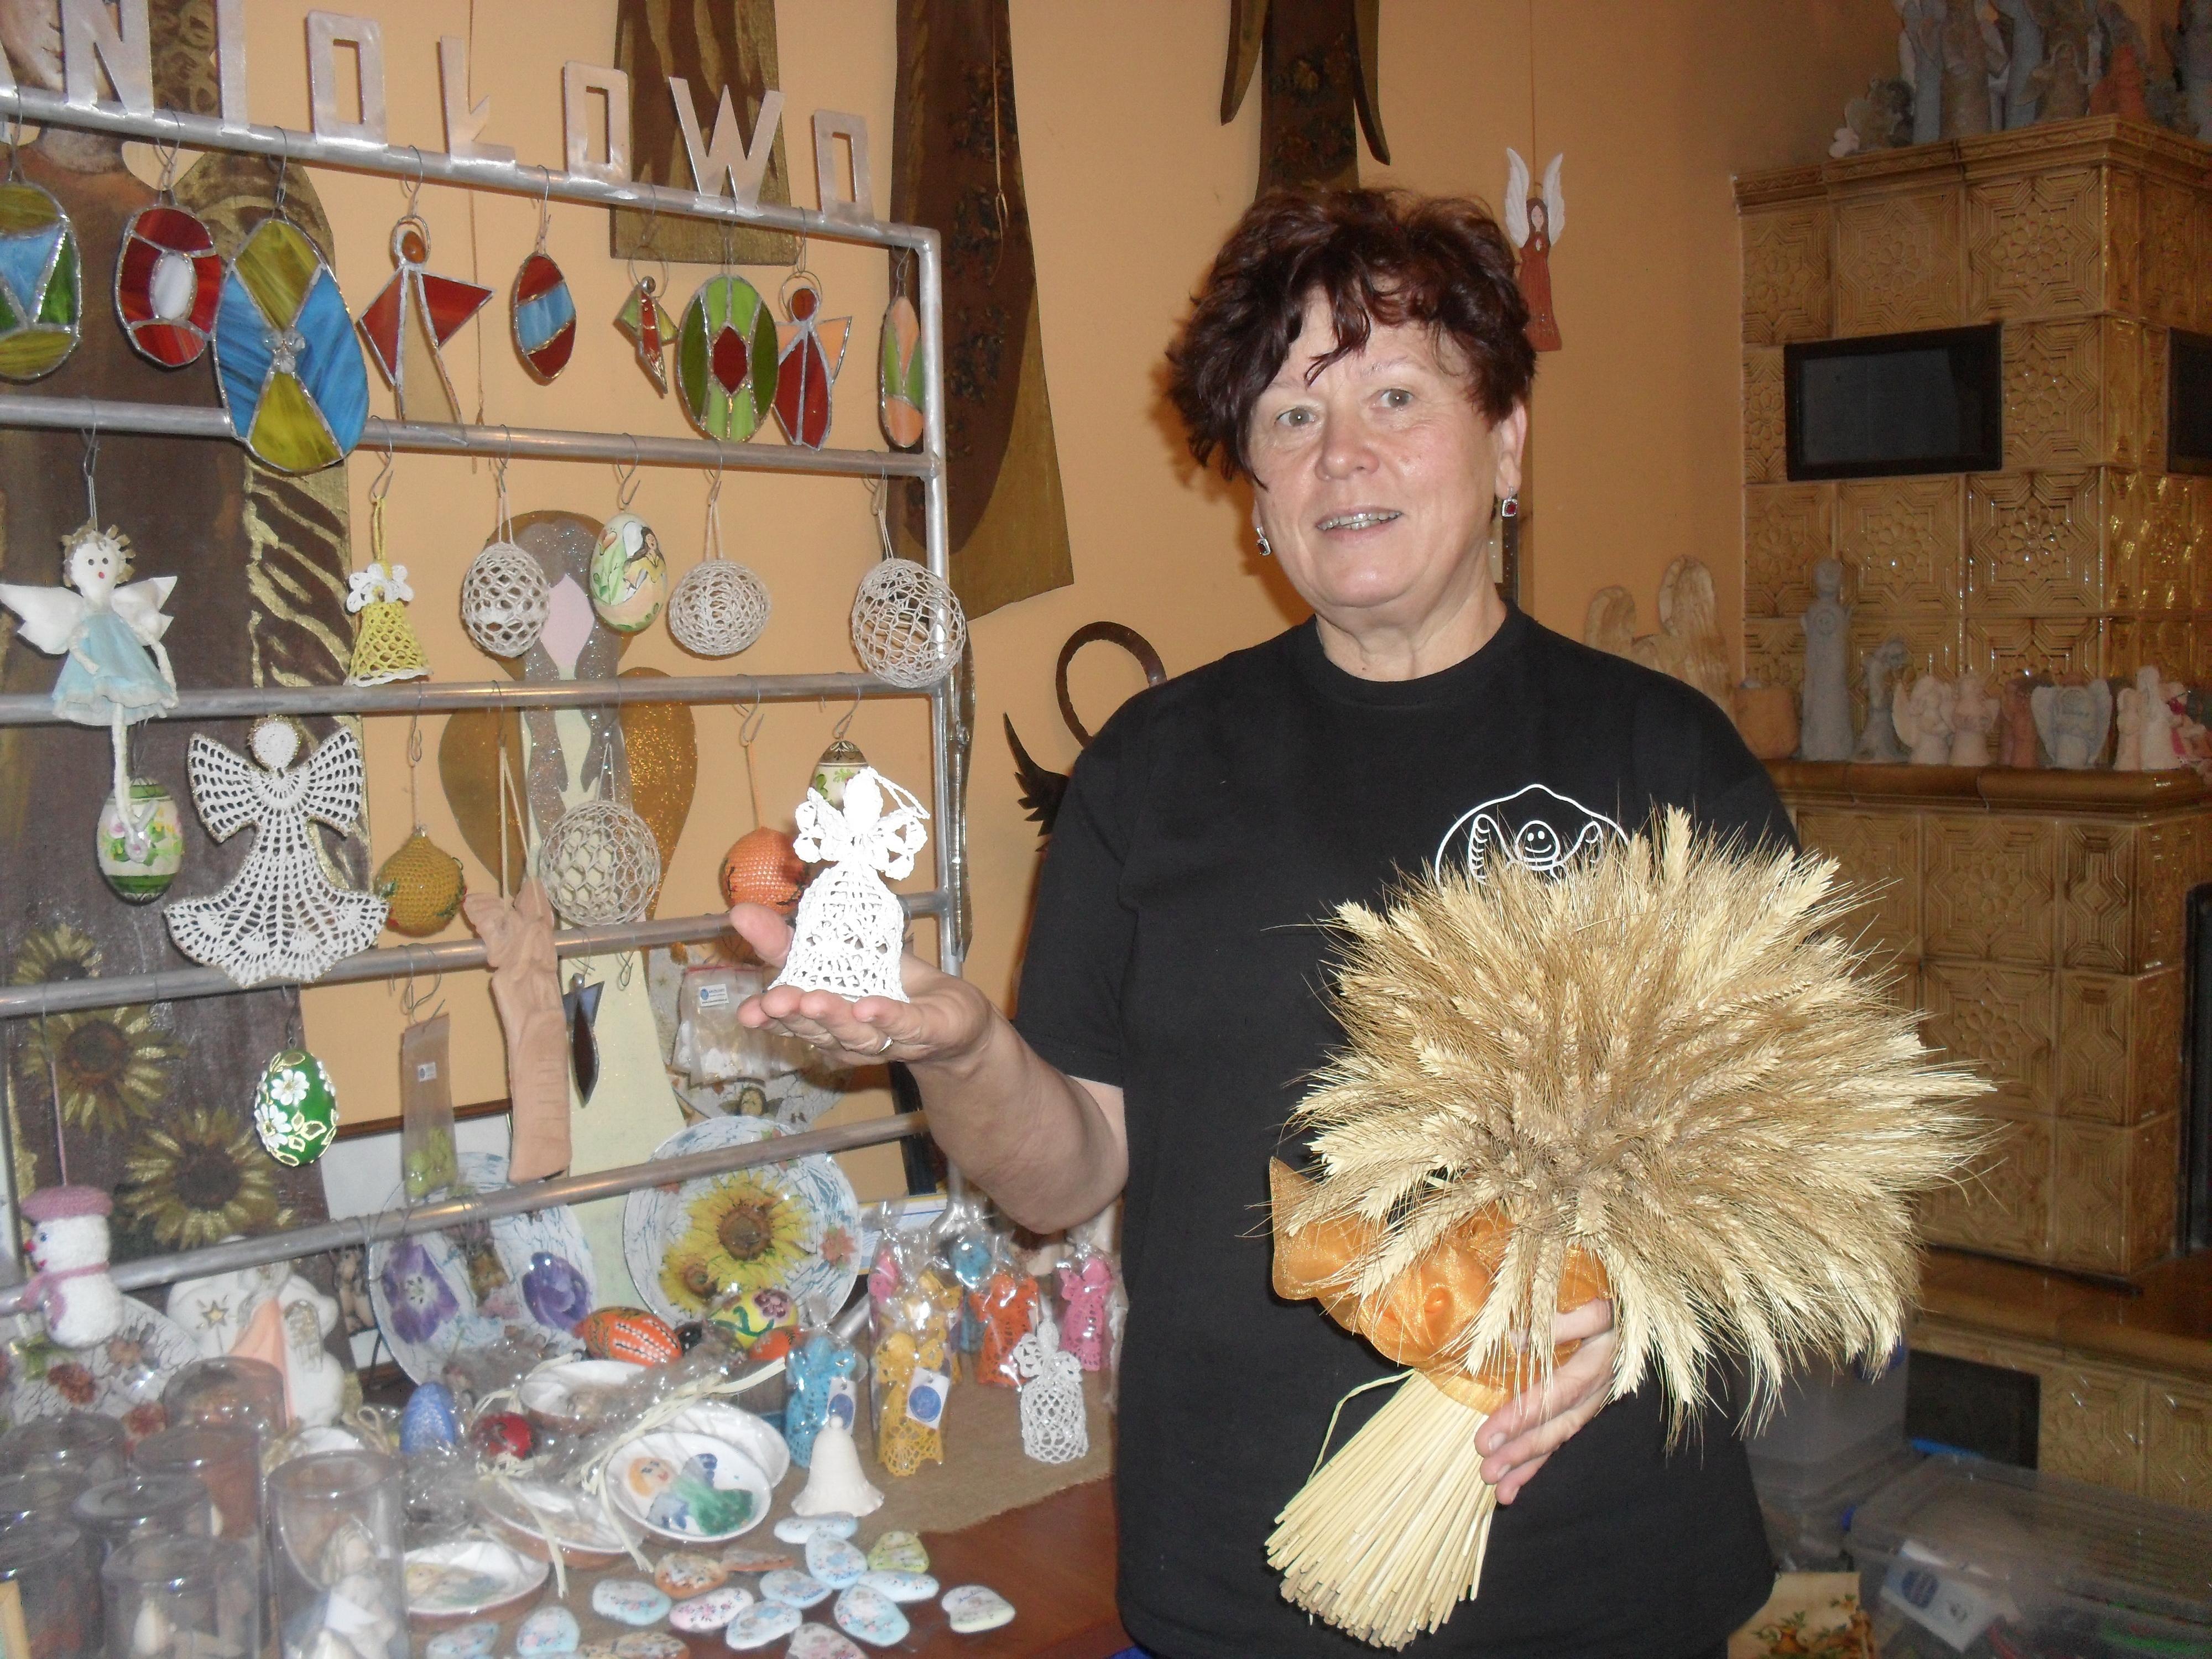 Галина Чишла демонструє ангела-охоронця садиби, виробництво яких — нарівні з дерунами, пирогами і пончиками — поставили на потік у запустілому донедавна селі Анілово. Фото автора